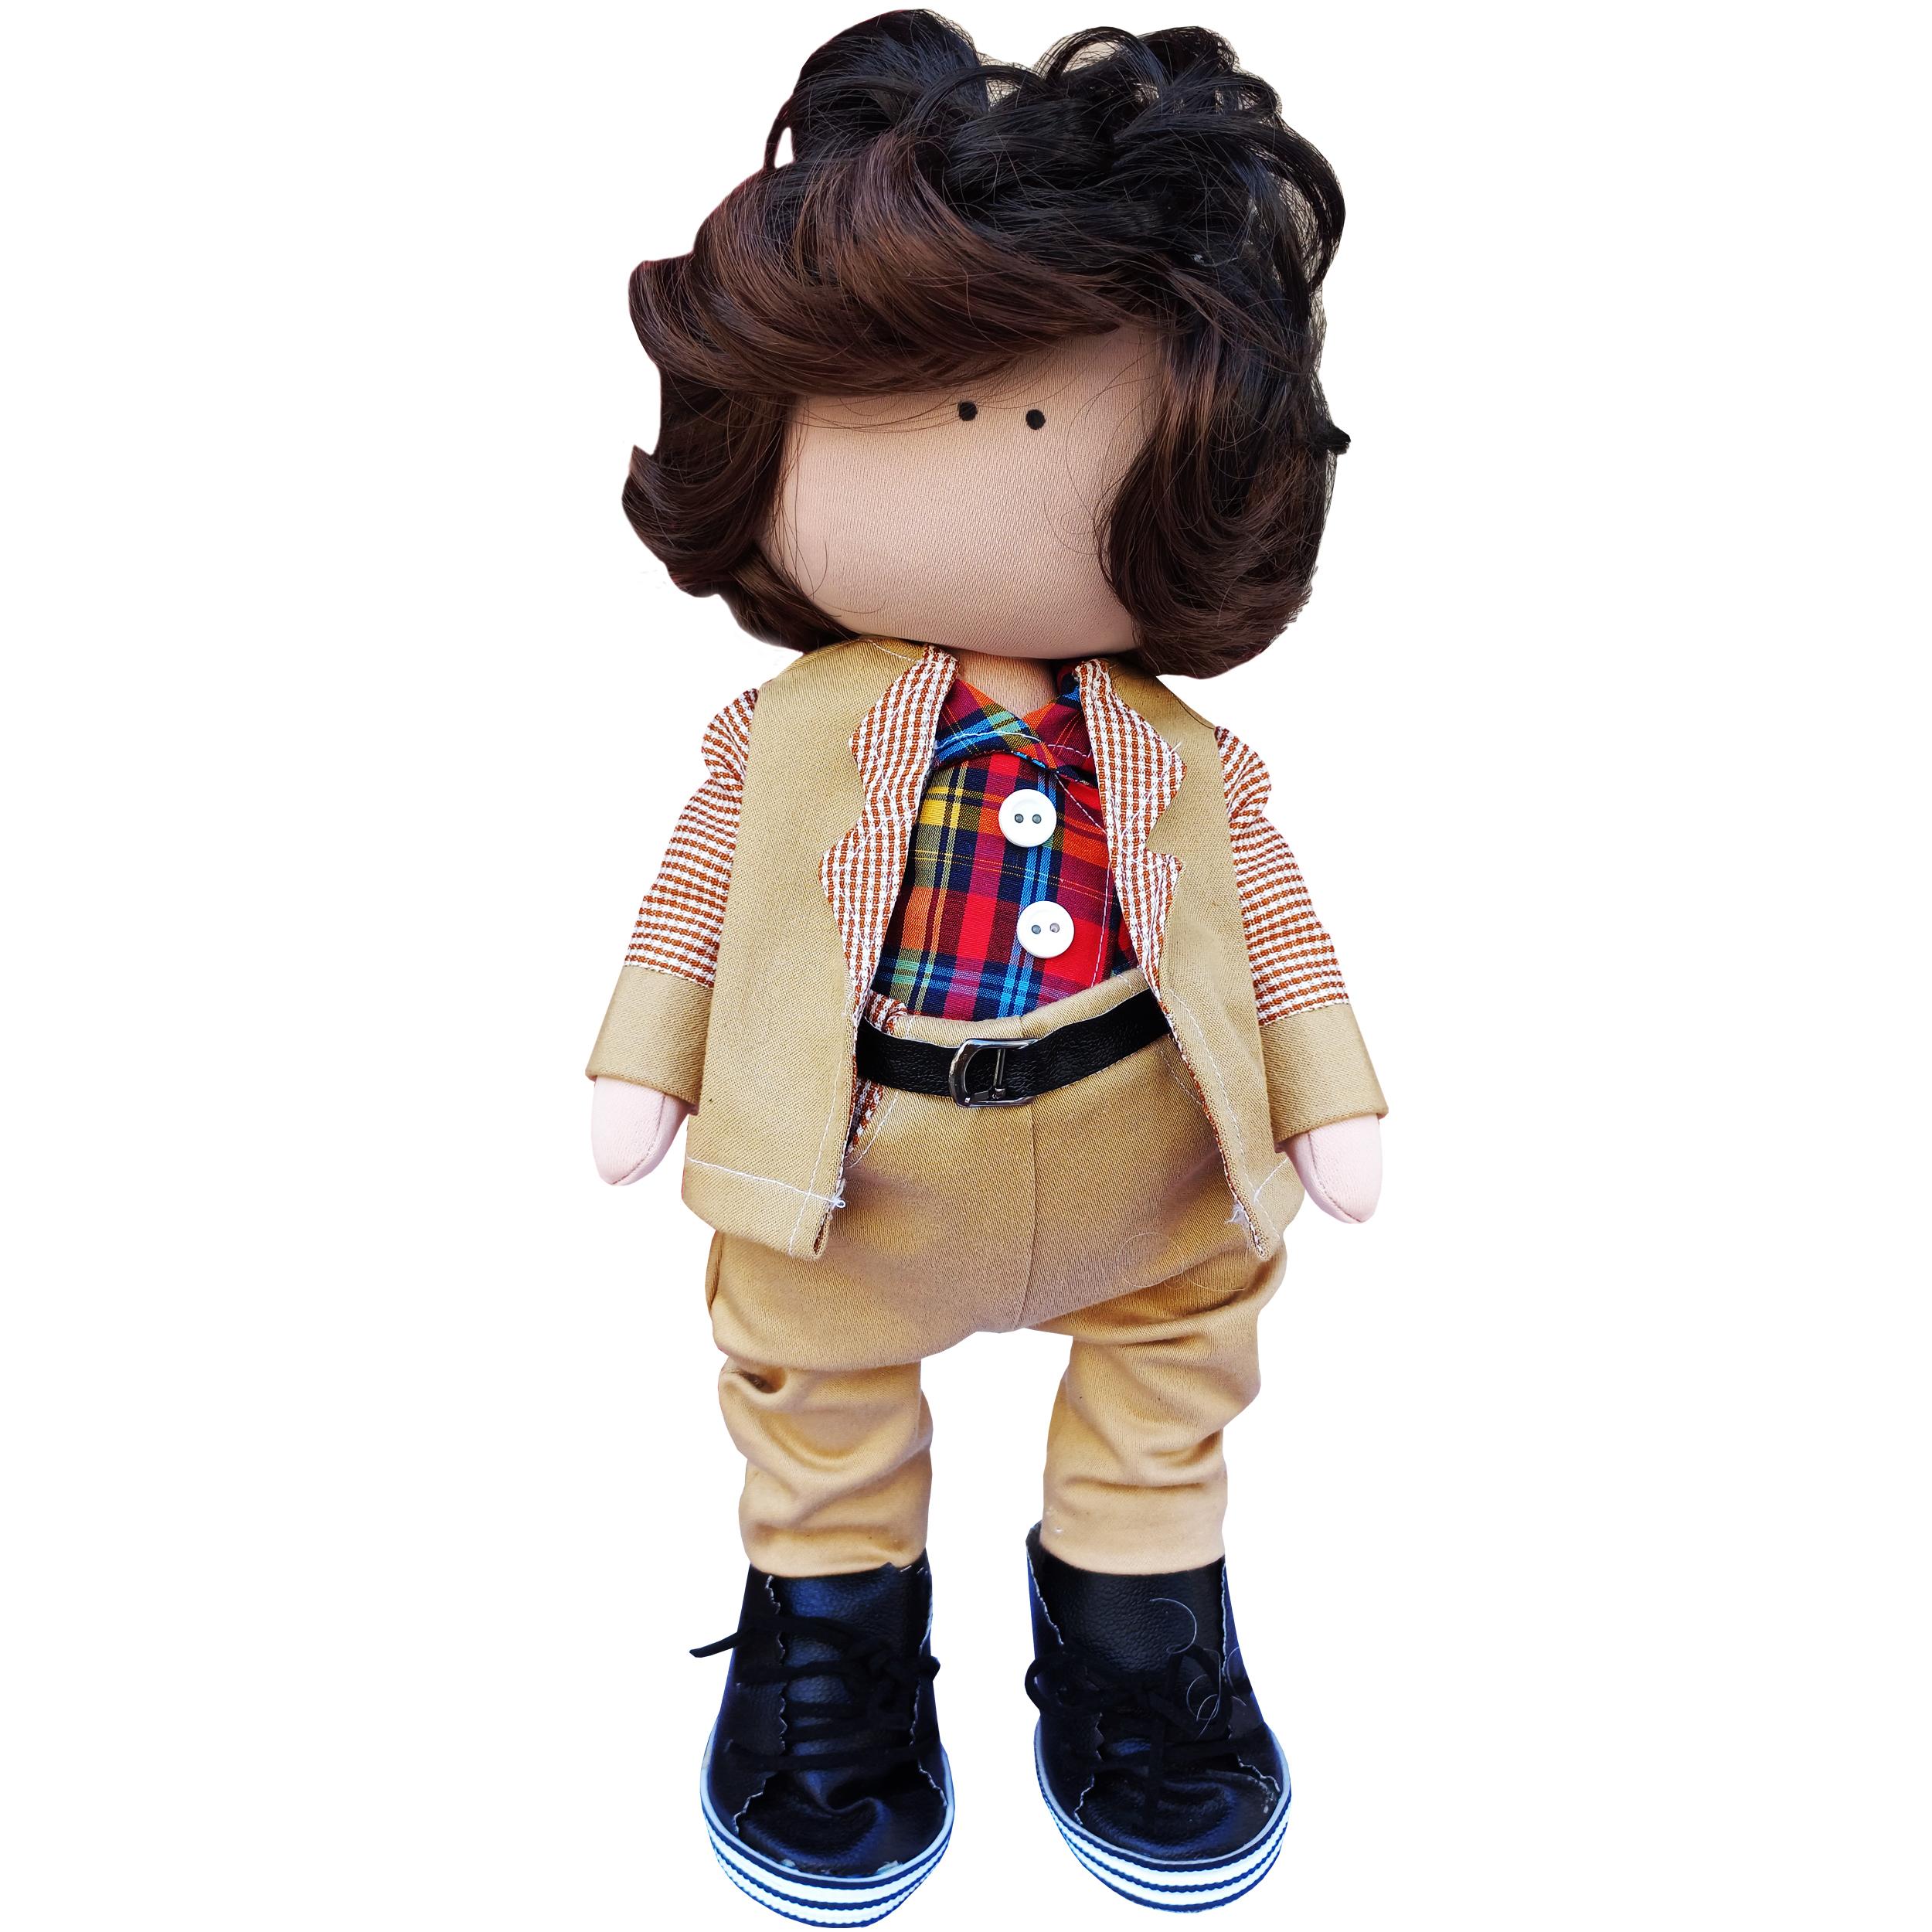 عروسکطرح روسی پسر مدل الکسی کد N9891 ارتفاع 40 سانتی متر